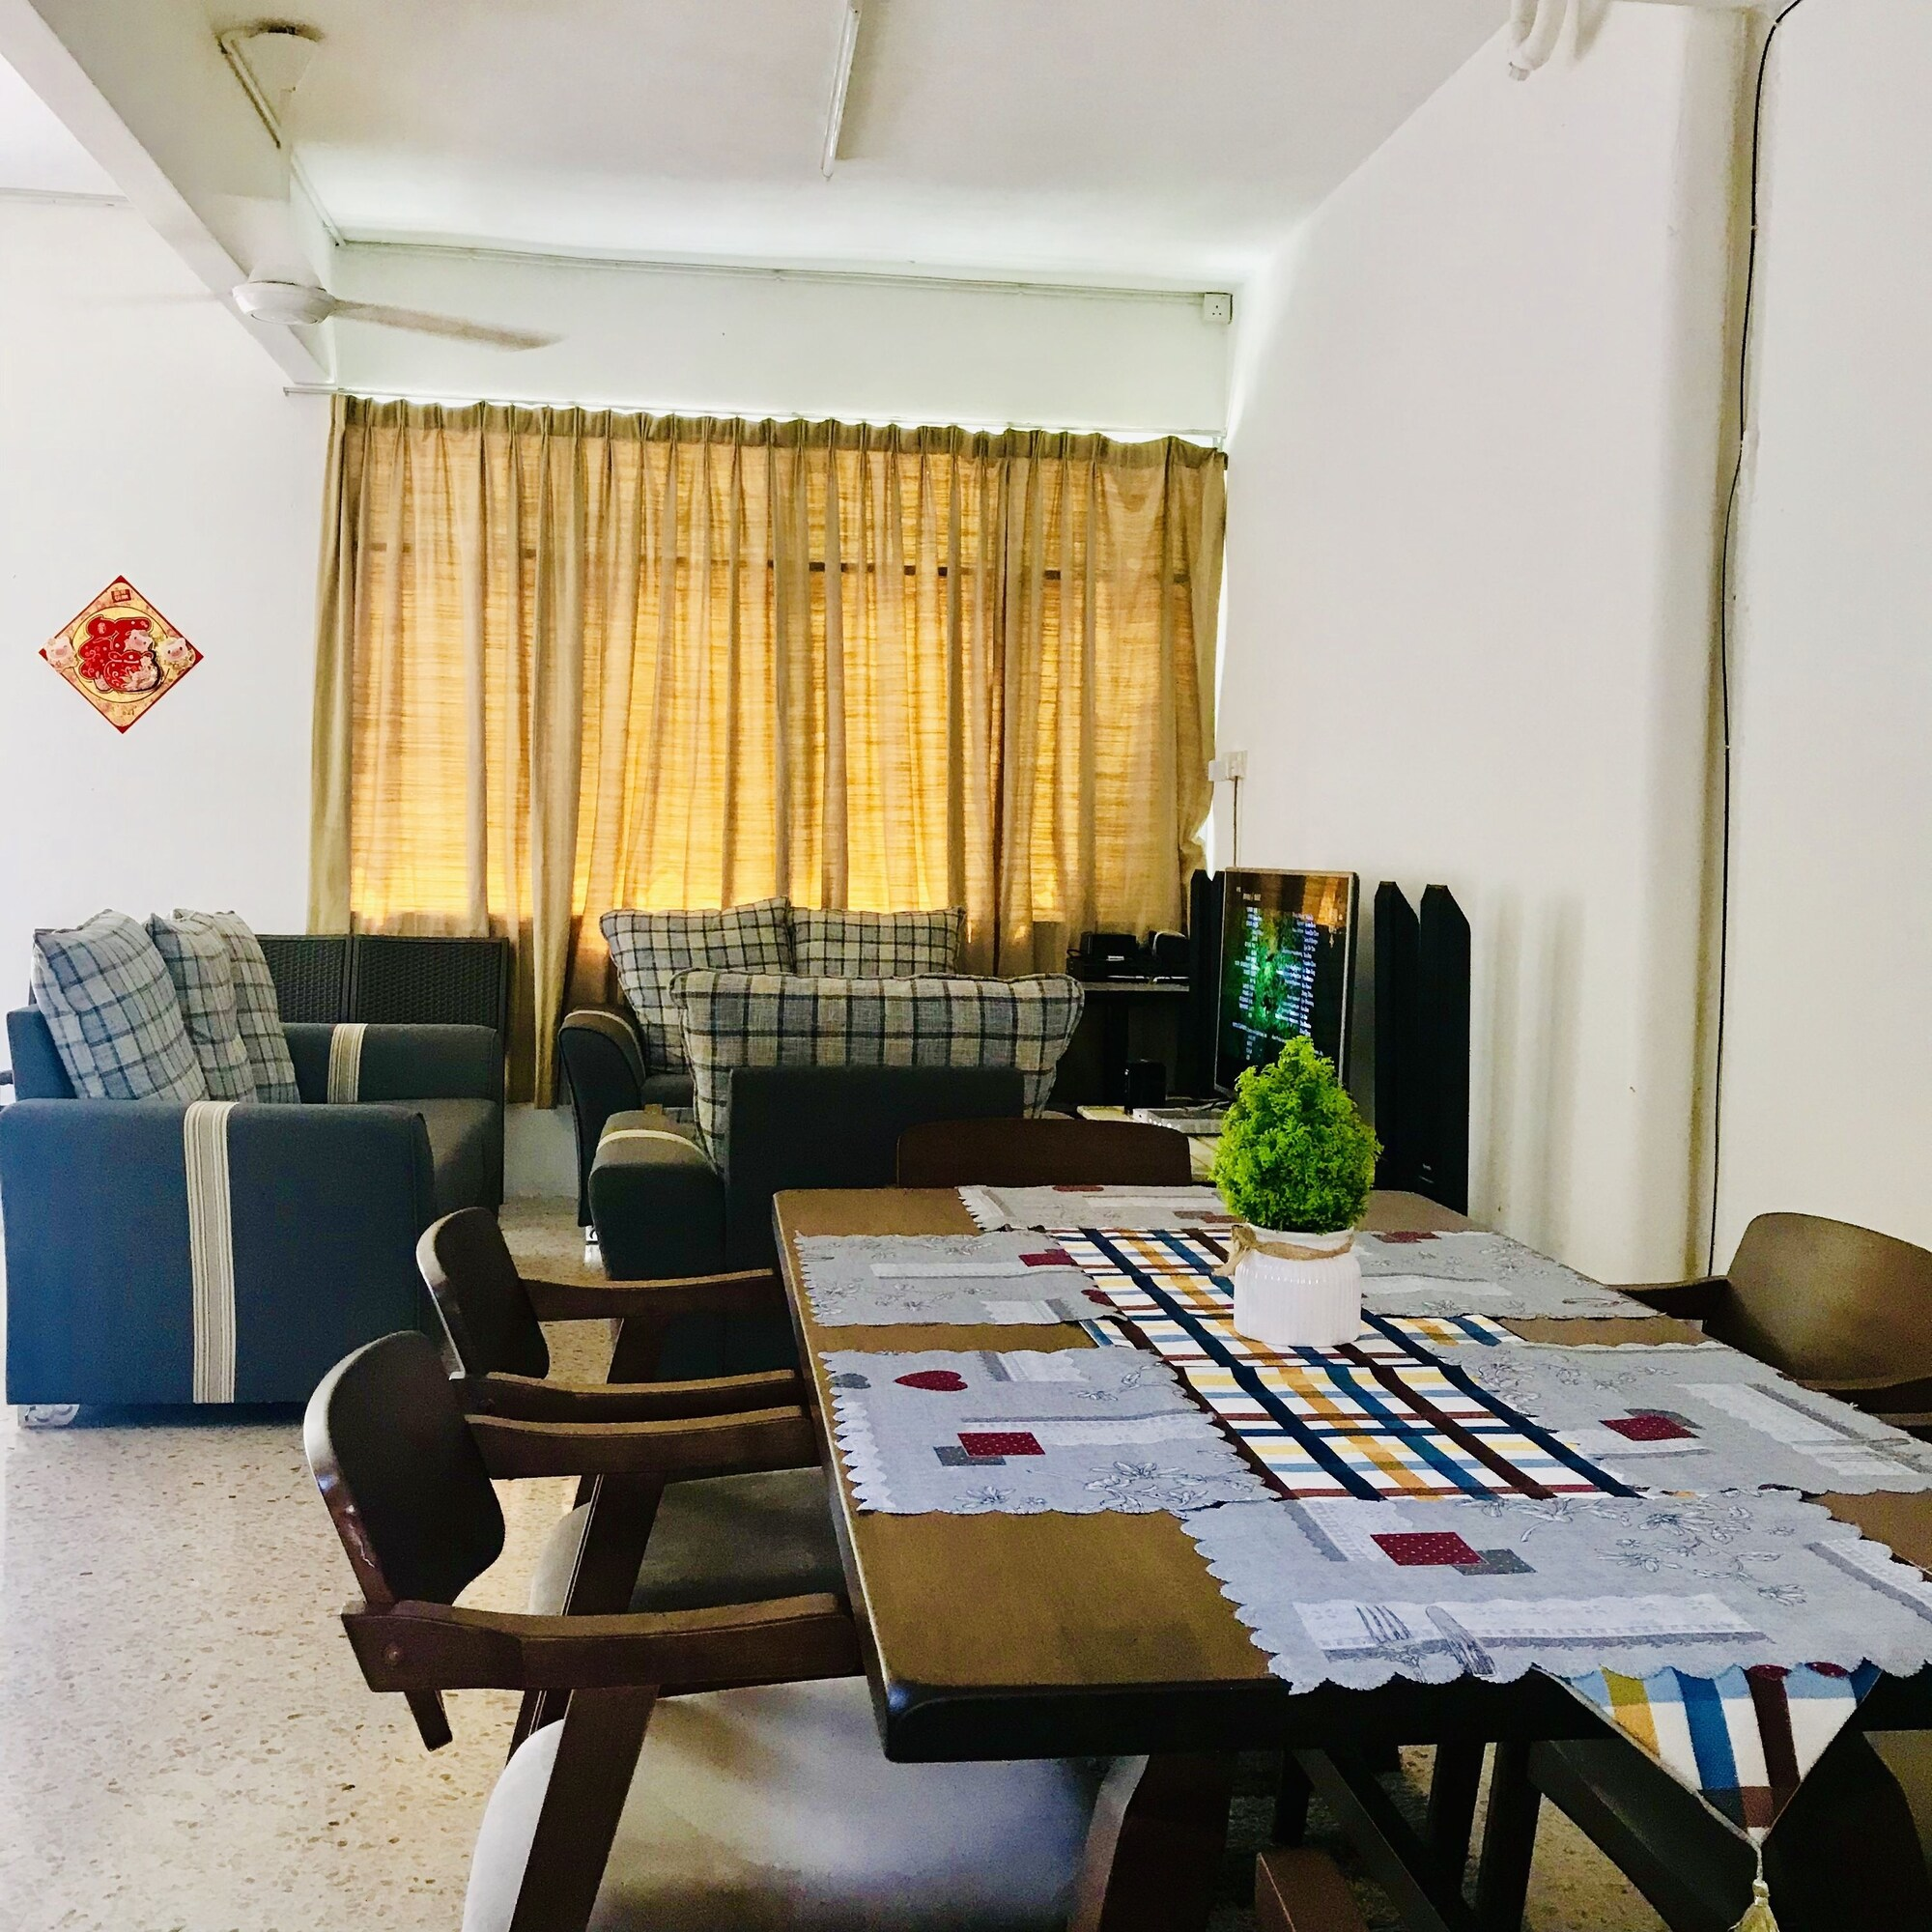 GardenTerrace - Langkawi - 4 Rooms 8 Beds 3 Baths, Langkawi